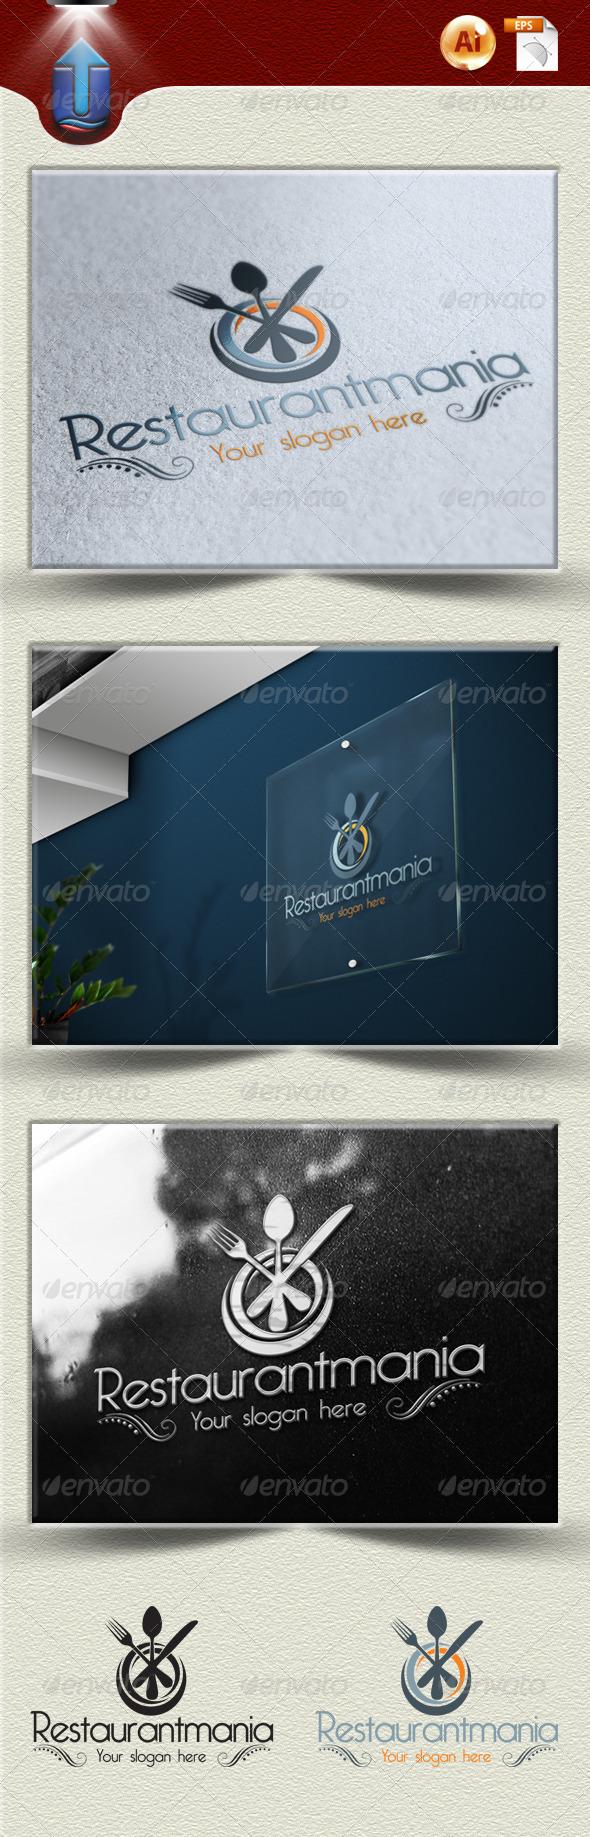 GraphicRiver restaurantmania logo U1 3983921